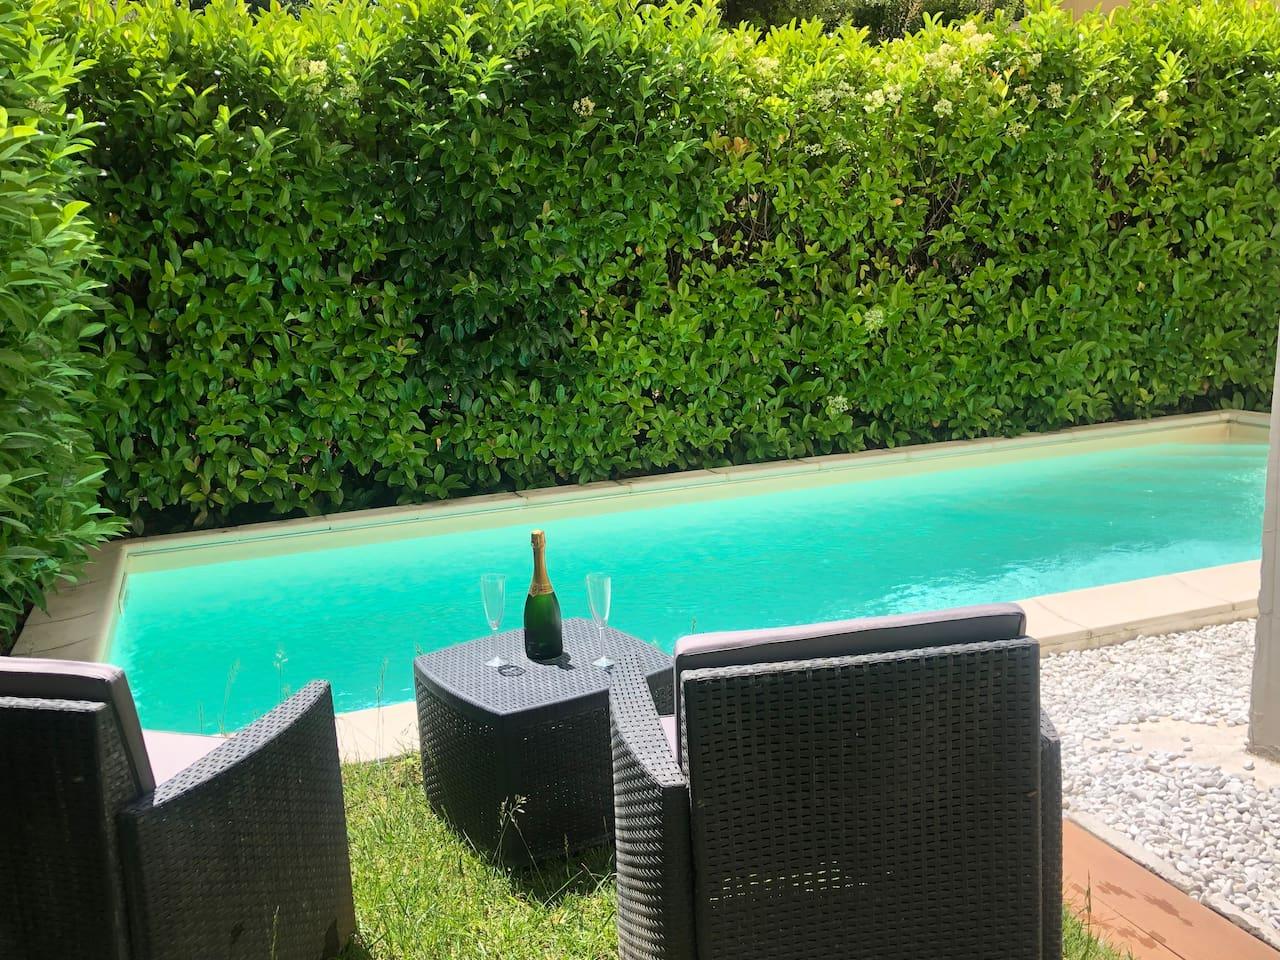 Piscina e Giardino con prosecco di benvenuto / Swimming pool and garden with welcome prosecco